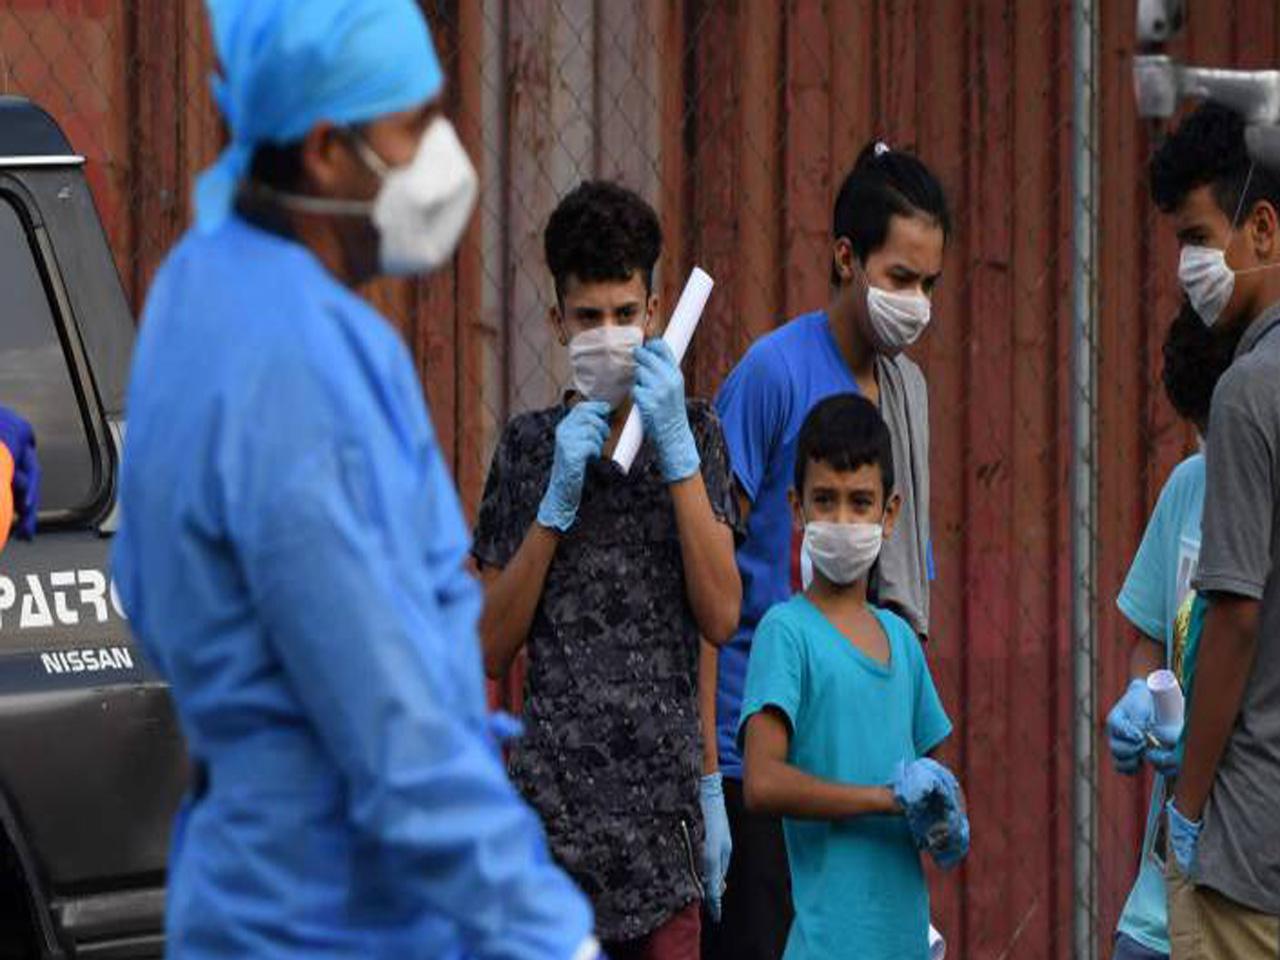 En Honduras hay al menos 100 mil casos de covid-19, según científico